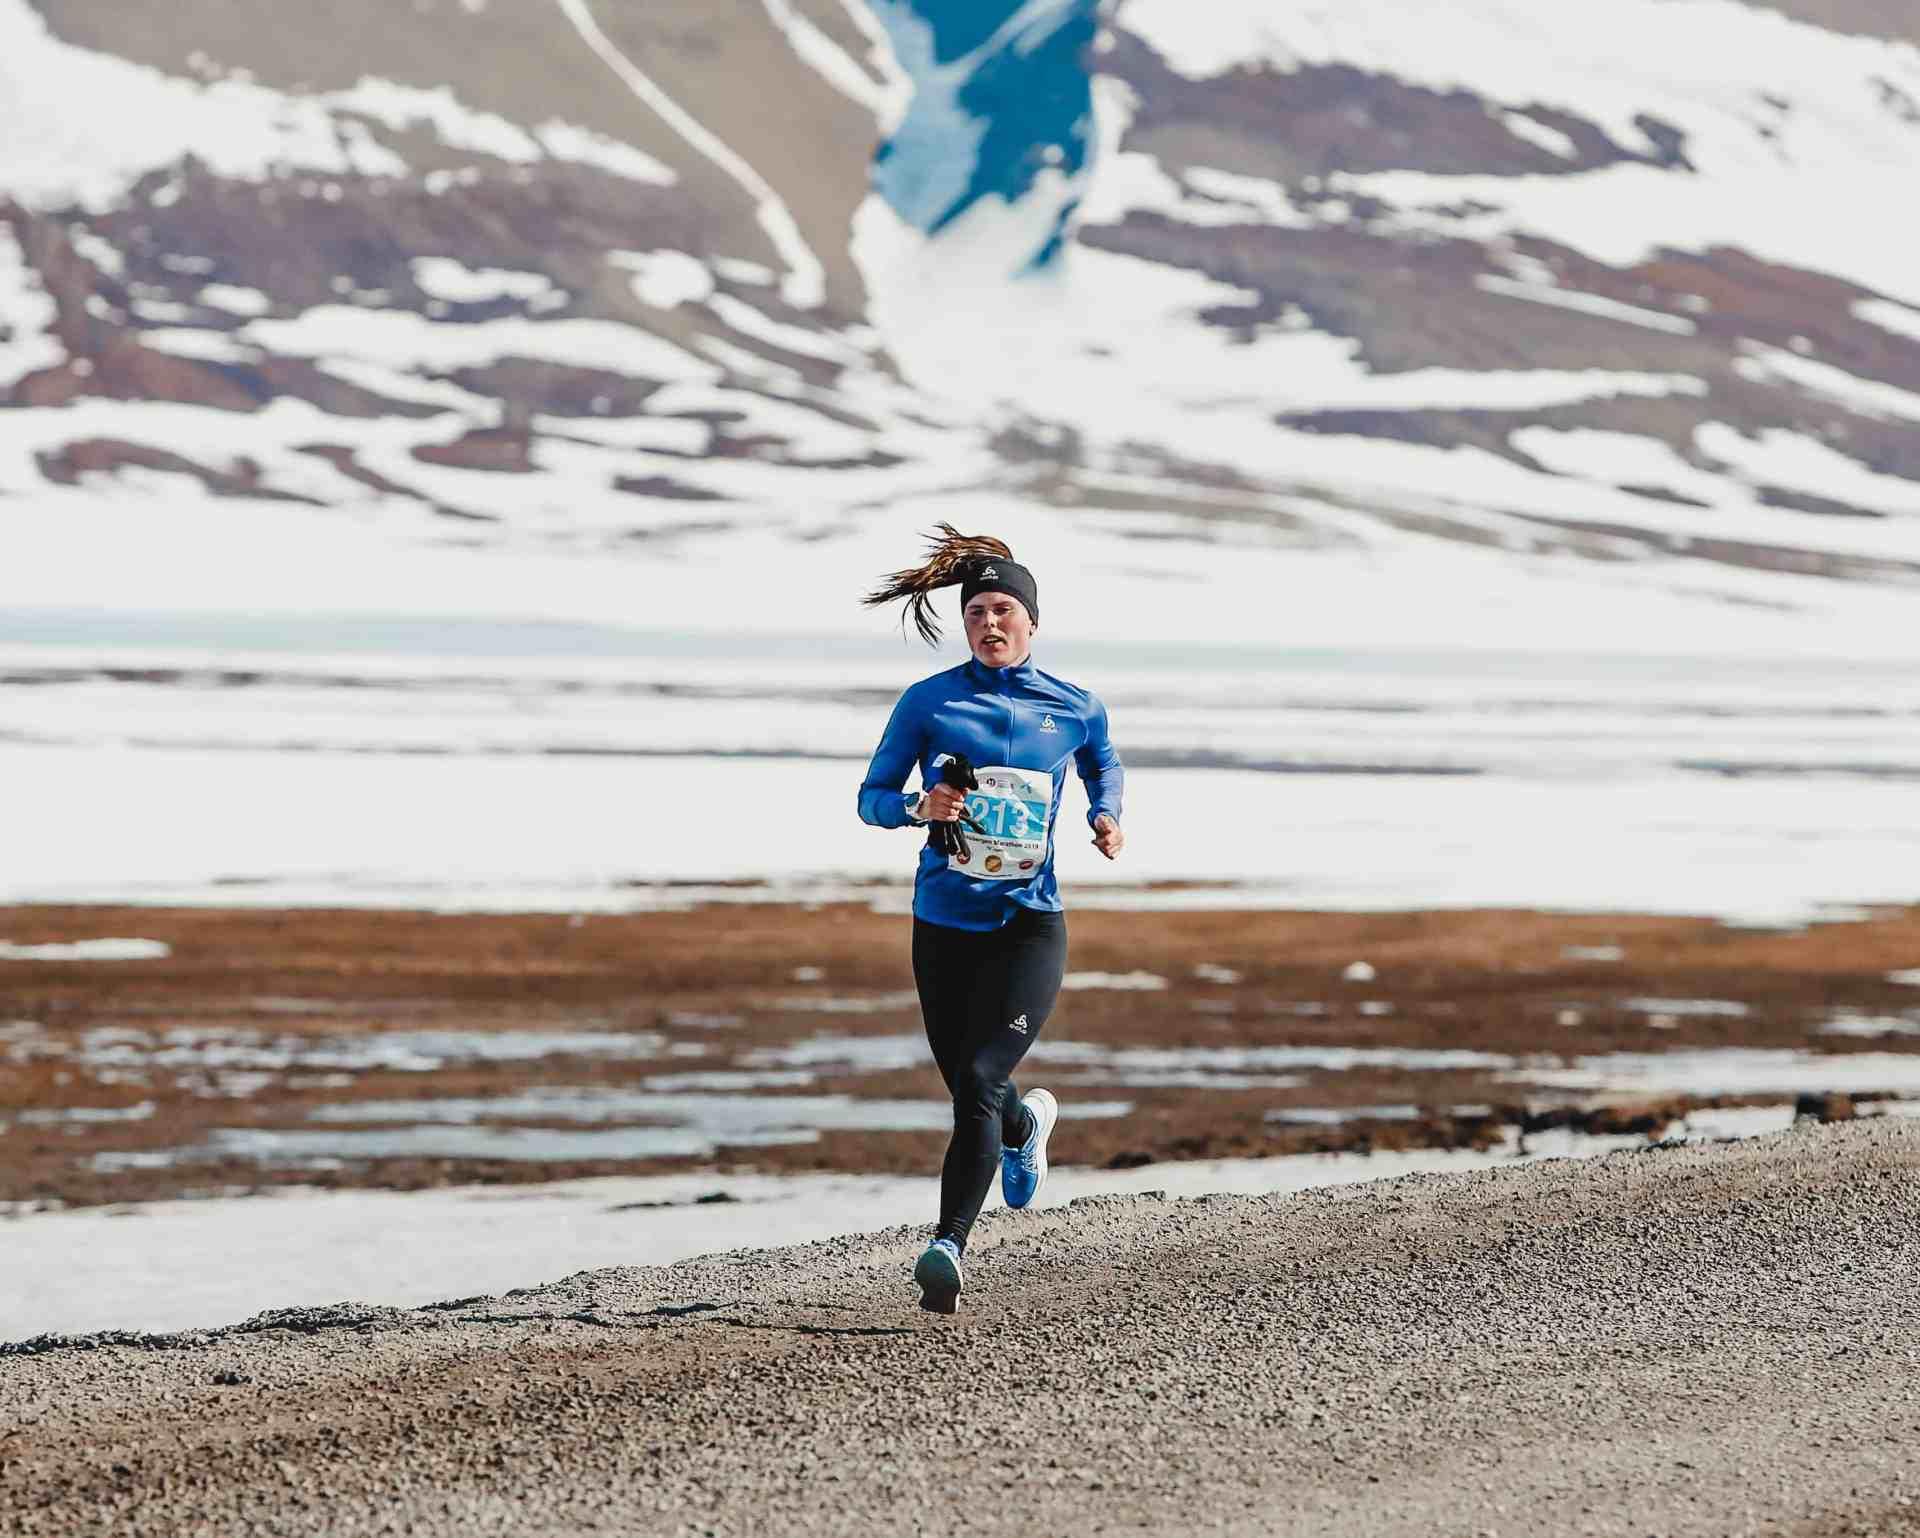 spitsbergen halve marathon 2019